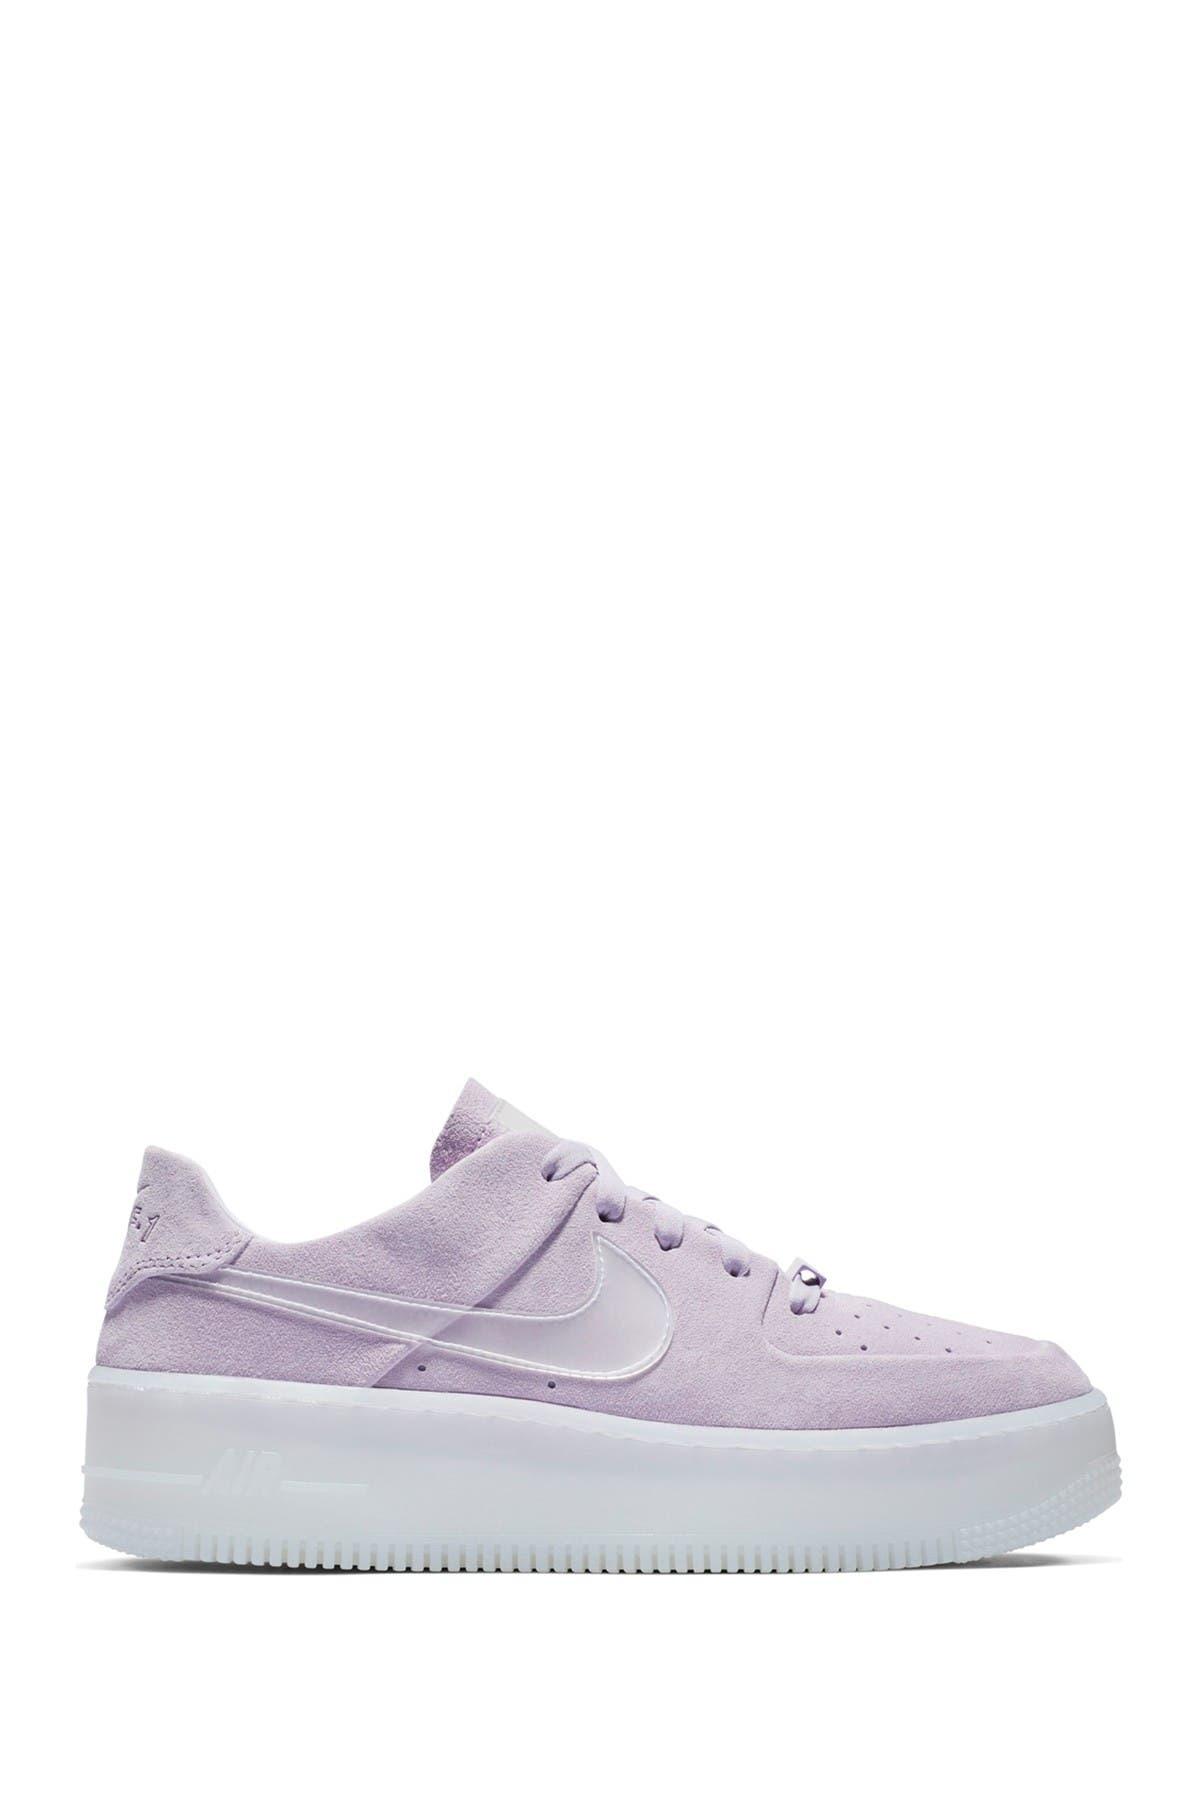 nike air force 1 sage low sneaker